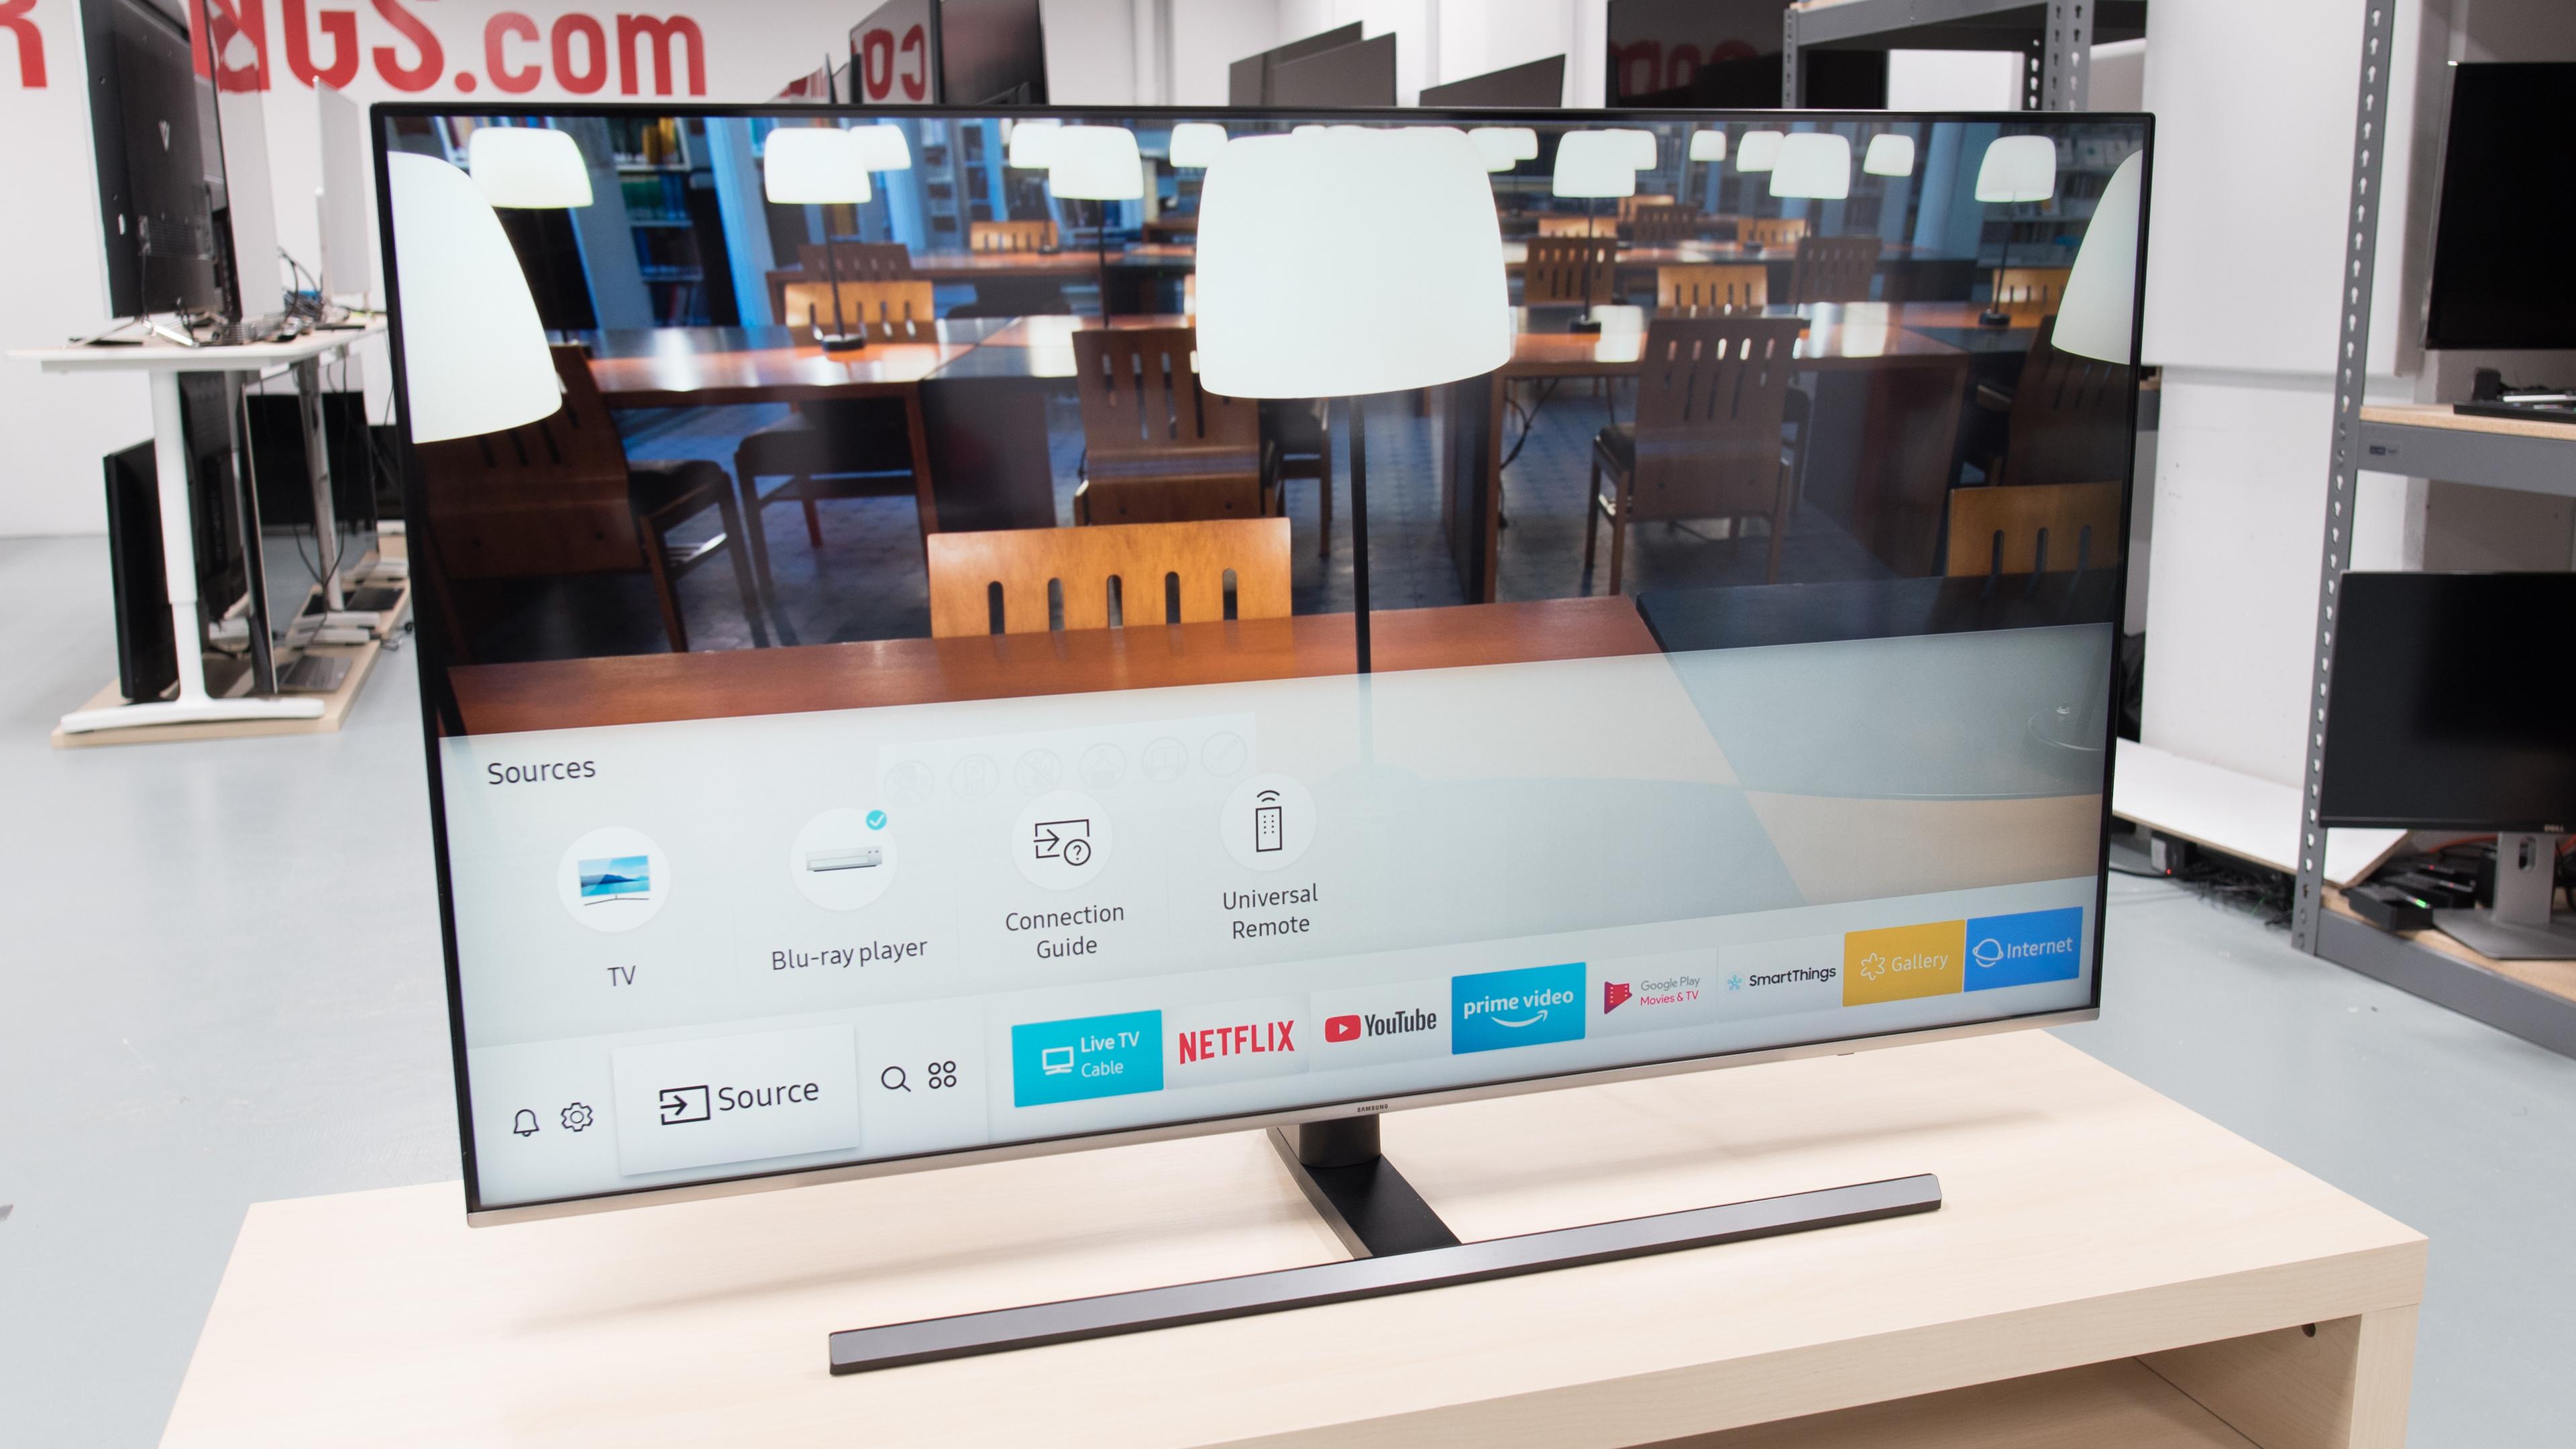 Novejši televizorji podjetja Samsung bodo s posodobitvijo stroje kode postali odlično orodje za igranje računalniških iger!